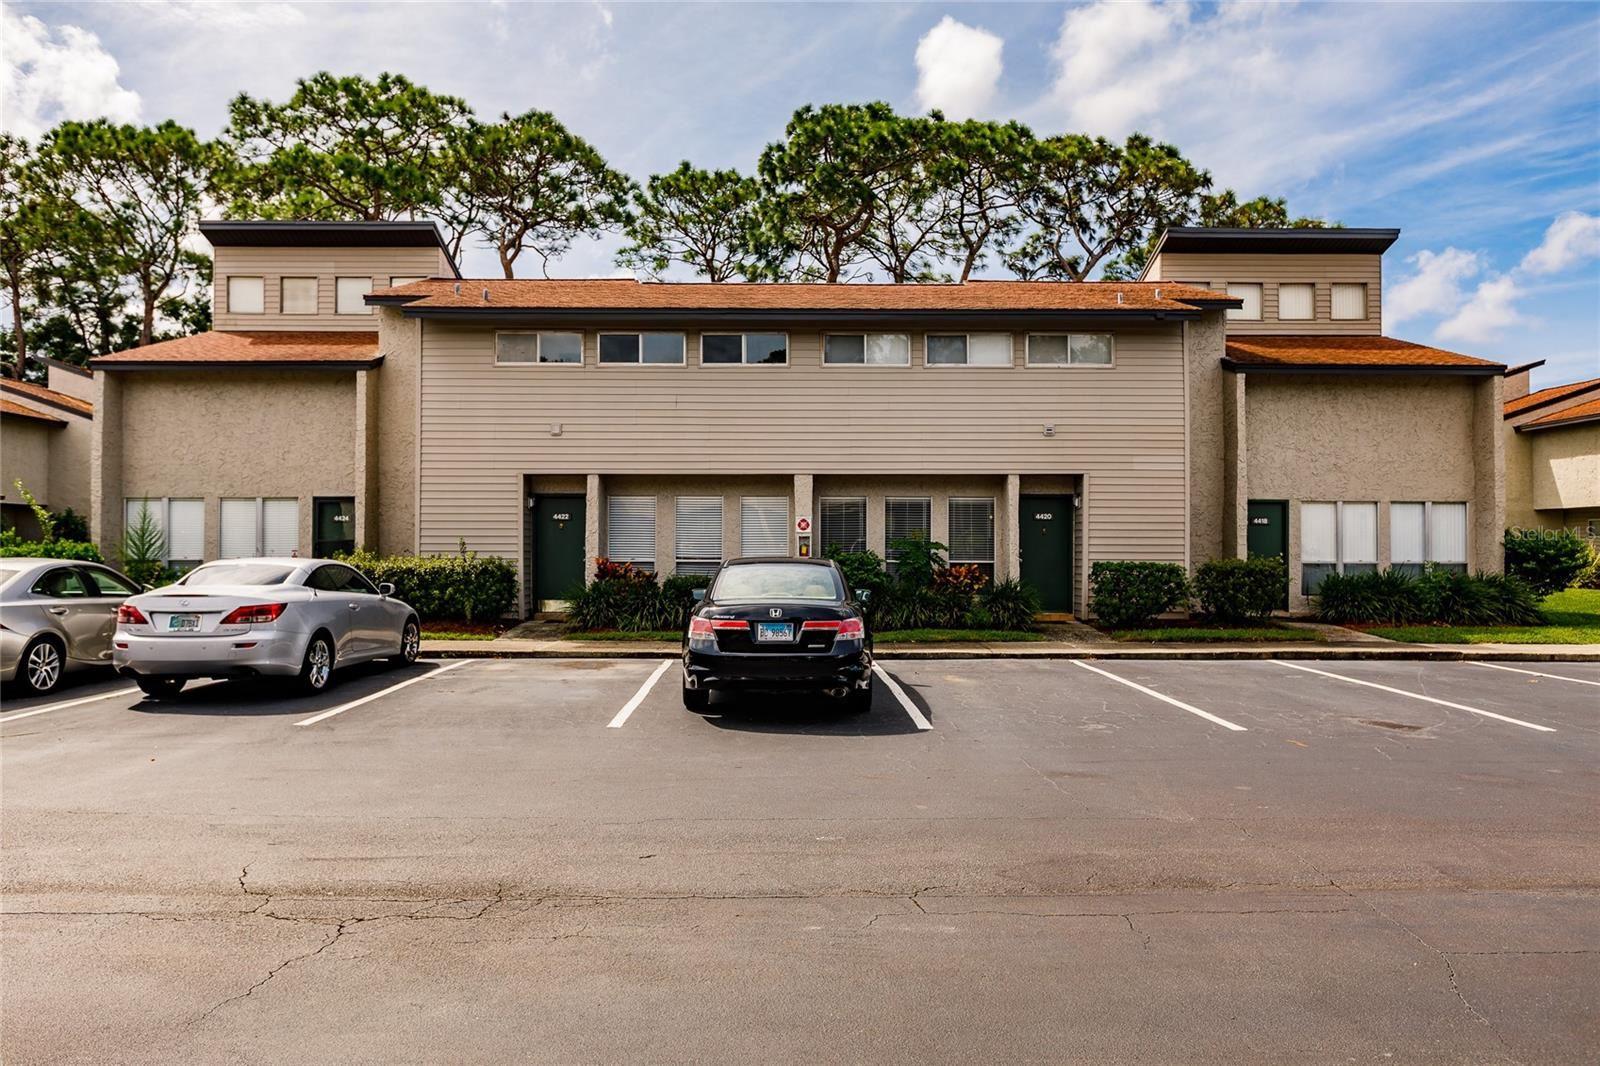 4422 RAYFIELD DRIVE #4422, Sarasota, FL 34243 - #: A4512363